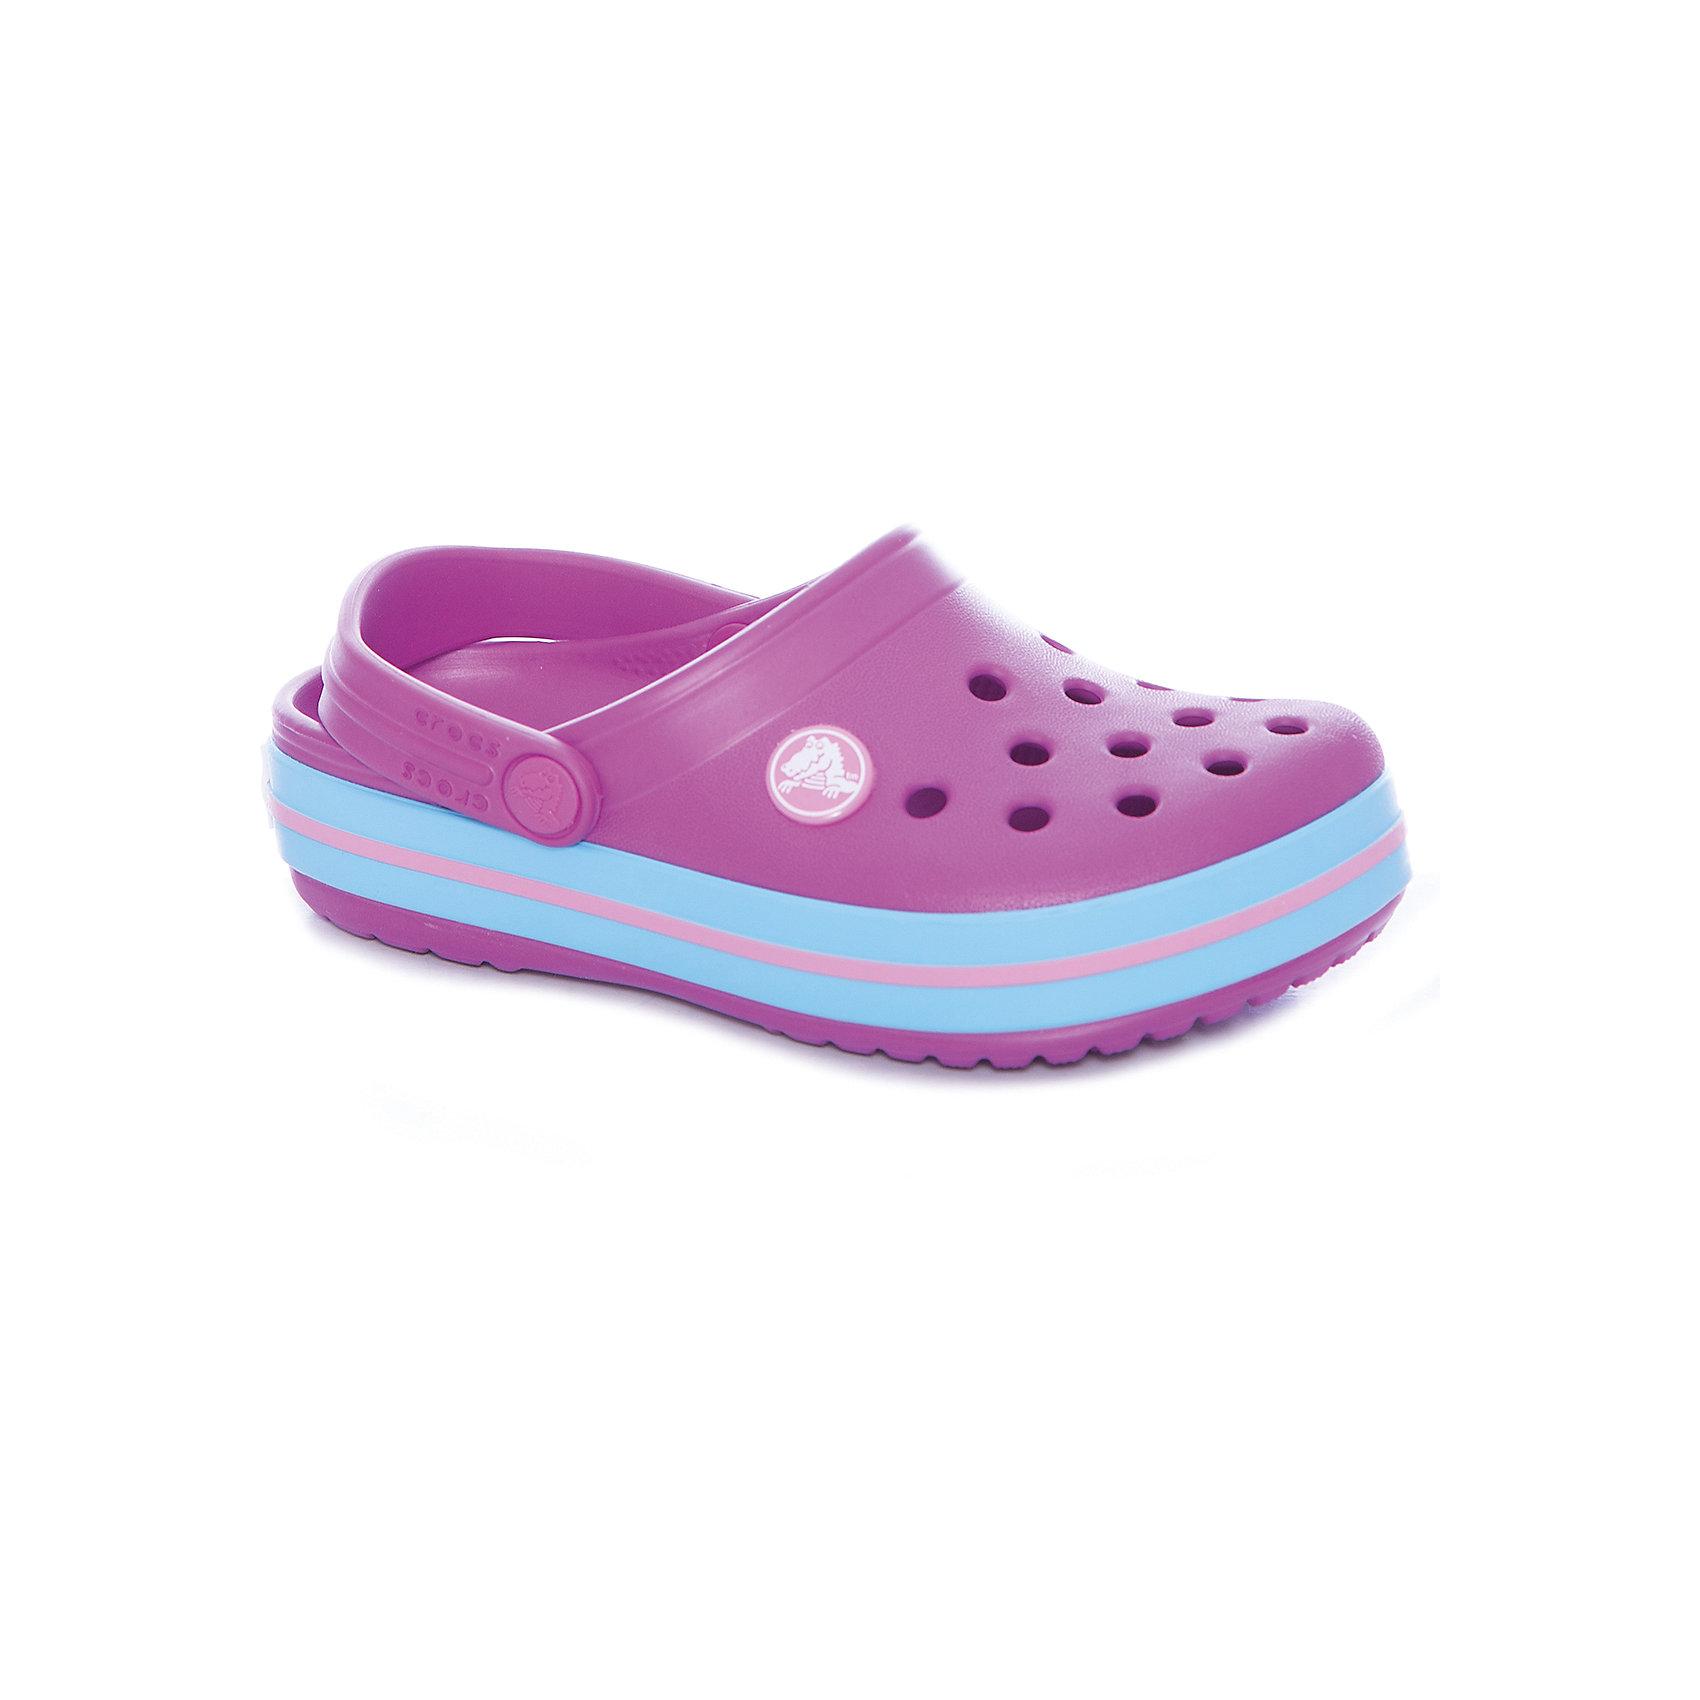 Сабо Crocband™ clog, фиолетовыйПляжная обувь<br>Характеристики товара:<br><br>• цвет: фиолетовый<br>• сезон: лето<br>• материал: 100% полимер Croslite™<br>• литая модель<br>• вентиляционные отверстия<br>• бактериостатичный материал<br>• пяточный ремешок фиксирует стопу<br>• толстая устойчивая подошва<br>• отверстия для использования украшений<br>• анатомическая стелька с массажными точками стимулирует кровообращение<br>• страна бренда: США<br>• страна изготовитель: Китай<br><br>Для правильного развития ребенка крайне важно, чтобы обувь была удобной. <br><br>Такие сабо обеспечивают детям необходимый комфорт, а анатомическая стелька с массажными линиями для стимуляции кровообращения позволяет ножкам дольше не уставать. <br><br>Сабо легко надеваются и снимаются, отлично сидят на ноге. <br><br>Материал, из которого они сделаны, не дает размножаться бактериям, поэтому такая обувь препятствует образованию неприятного запаха и появлению болезней стоп.<br><br>Обувь от американского бренда Crocs в данный момент завоевала широкую популярность во всем мире, и это не удивительно - ведь она невероятно удобна. <br><br>Её носят врачи, спортсмены, звёзды шоу-бизнеса, люди, которым много времени приходится бывать на ногах - они понимают, как важна комфортная обувь. <br><br>Продукция Crocs - это качественные товары, созданные с применением новейших технологий. <br><br>Обувь отличается стильным дизайном и продуманной конструкцией. <br><br>Изделие производится из качественных и проверенных материалов, которые безопасны для детей.<br><br>Сабо Crocband™ clog от торговой марки Crocs можно купить в нашем интернет-магазине.<br><br>Ширина мм: 225<br>Глубина мм: 139<br>Высота мм: 112<br>Вес г: 290<br>Цвет: лиловый<br>Возраст от месяцев: 21<br>Возраст до месяцев: 24<br>Пол: Унисекс<br>Возраст: Детский<br>Размер: 24,34/35,25,26,33/34,27,28,29,30,21,22,23,31/32<br>SKU: 5416524